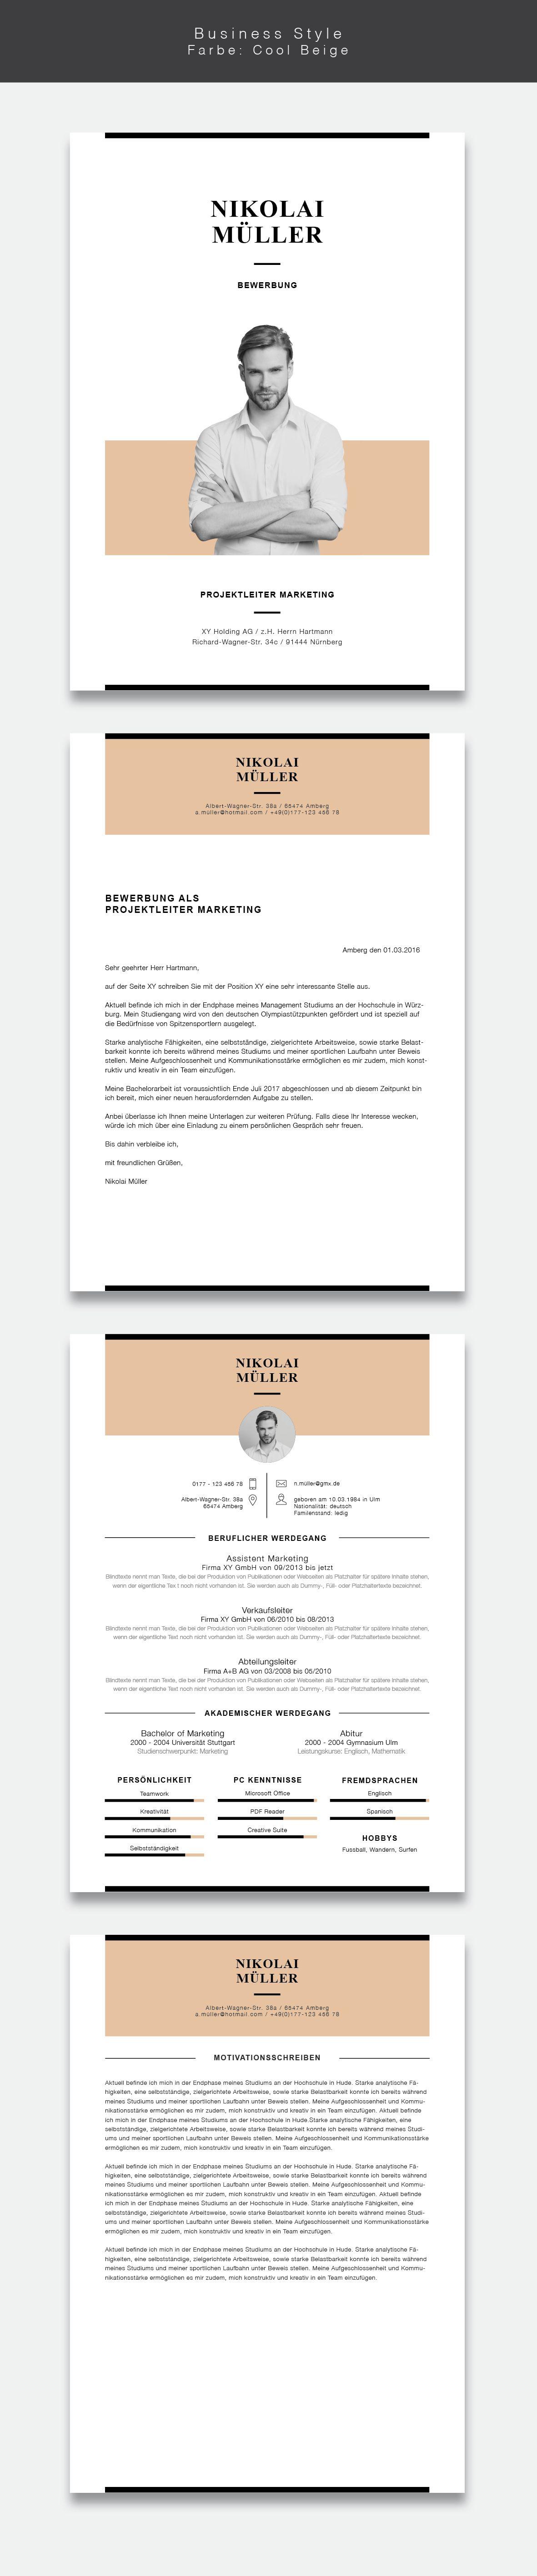 Unsere Neue Bewerbungsvorlage Cvtemplate Business